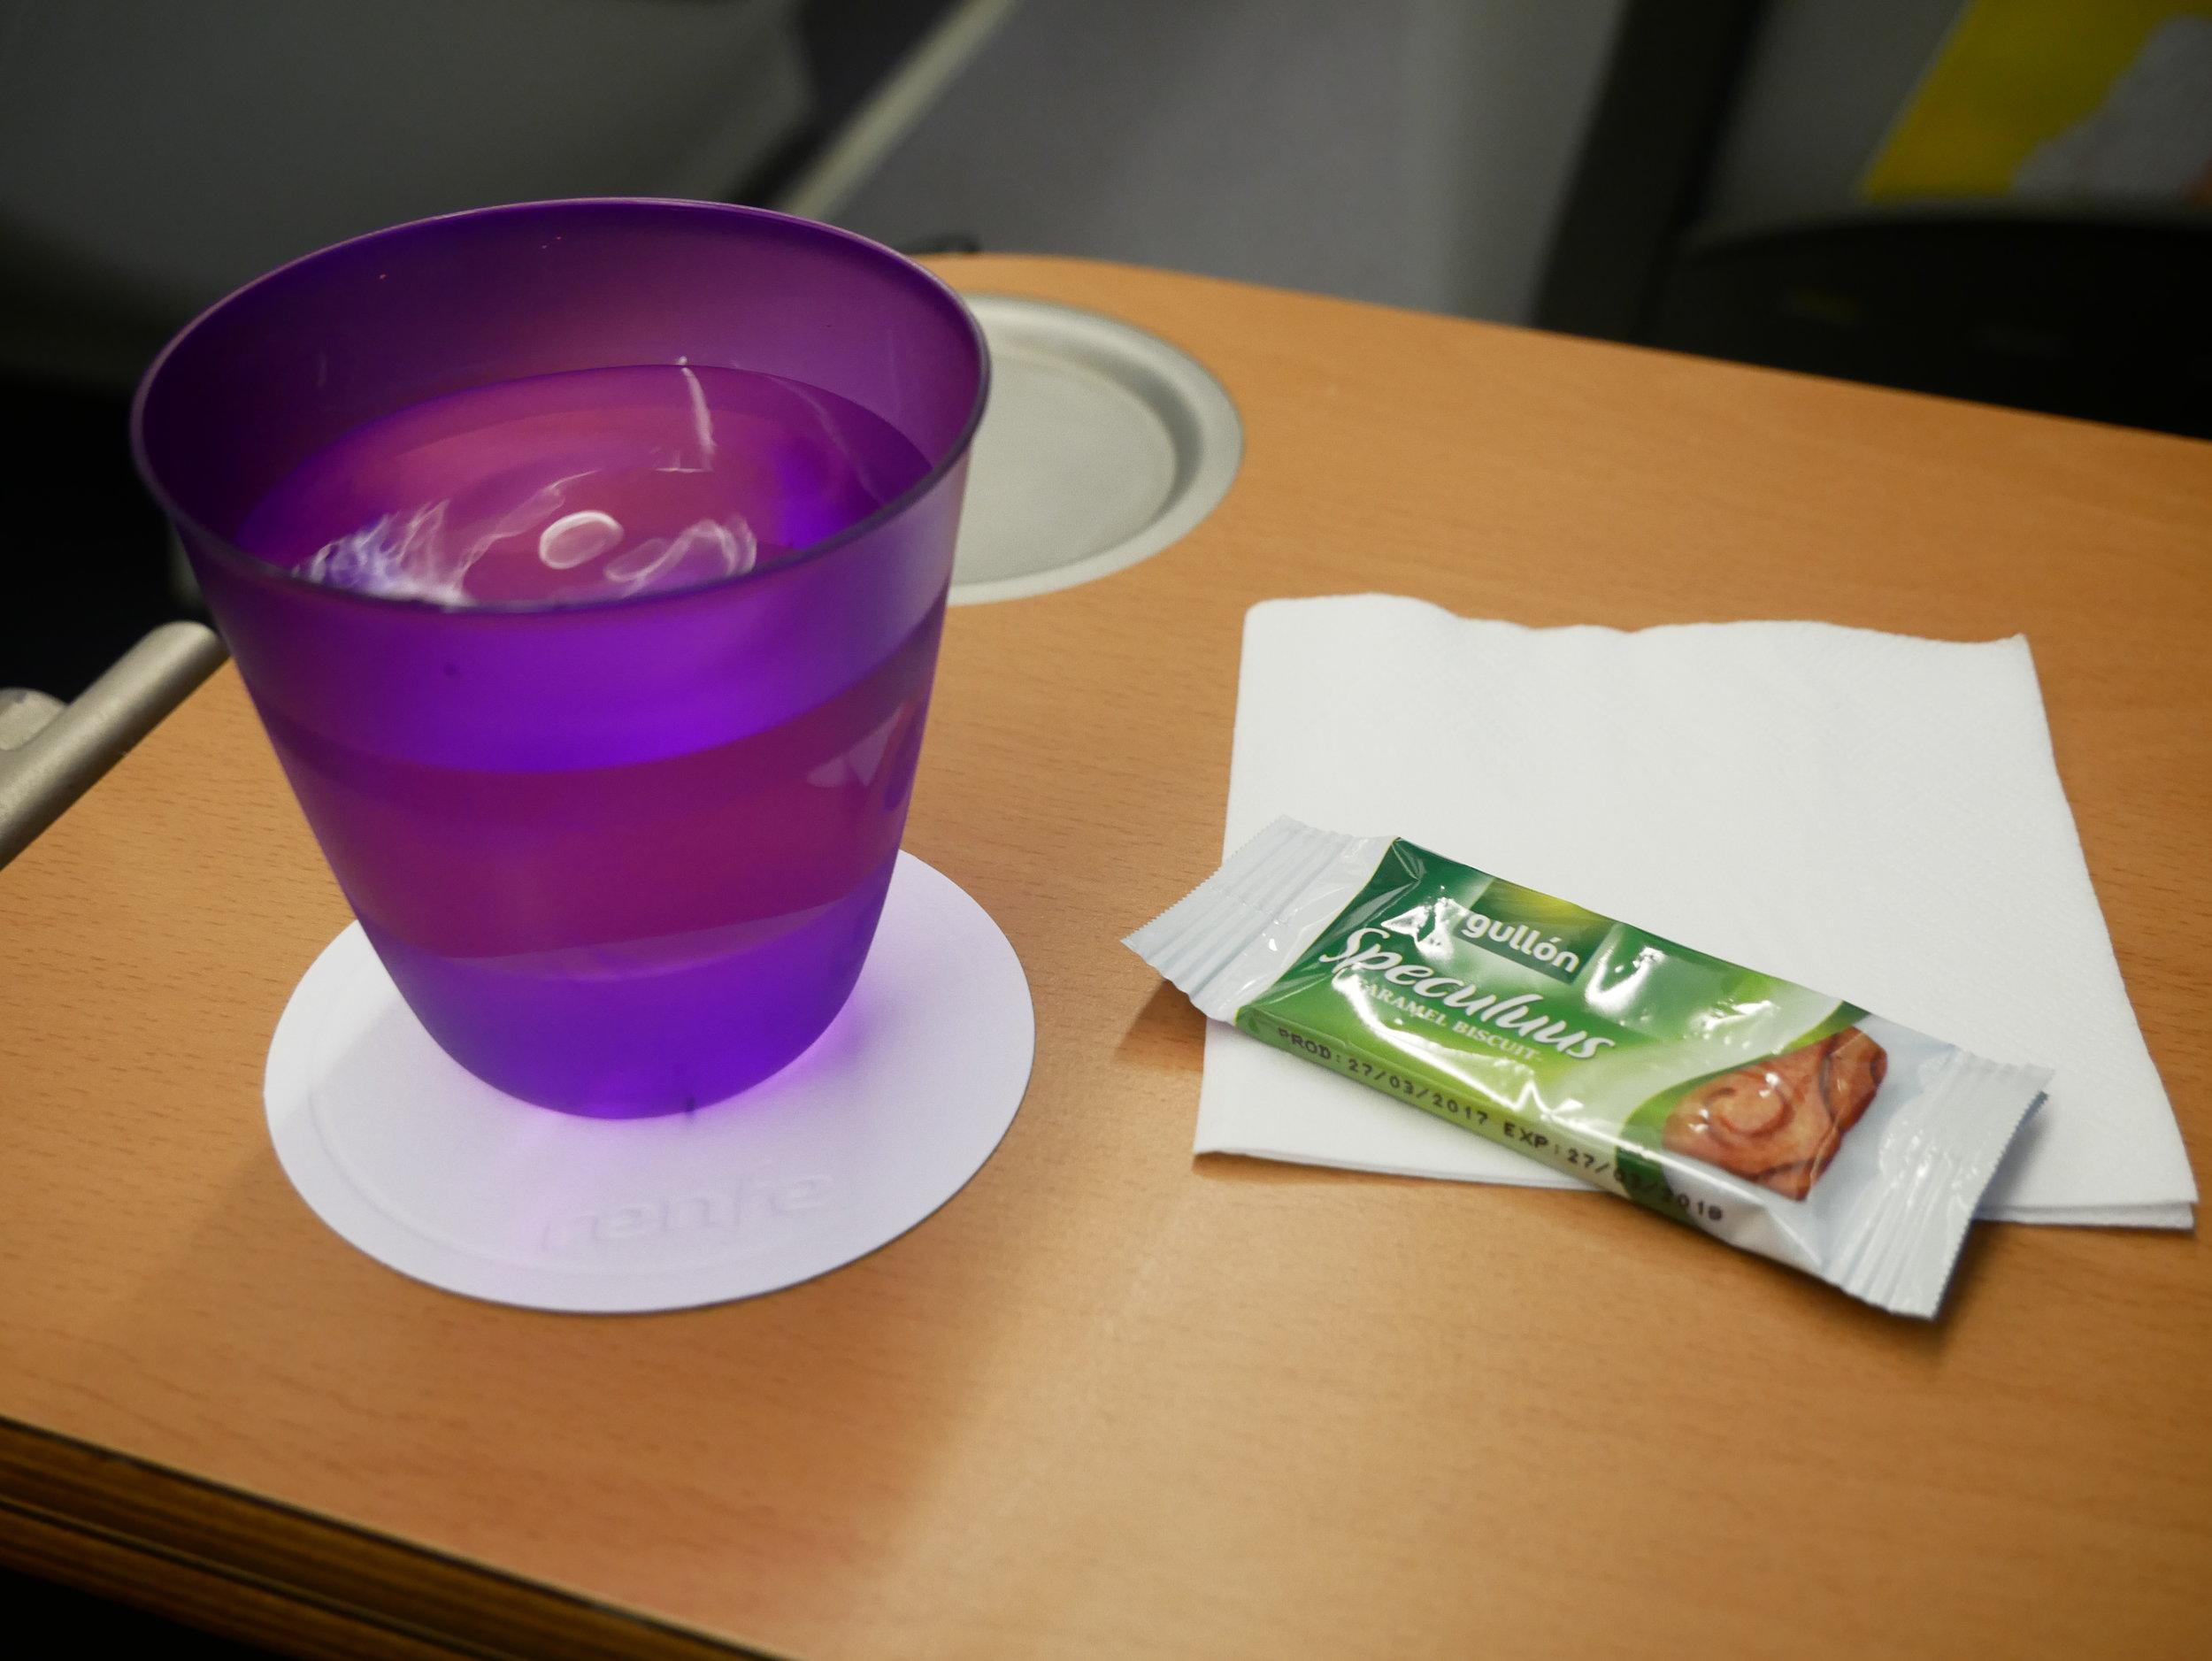 Euromed drink